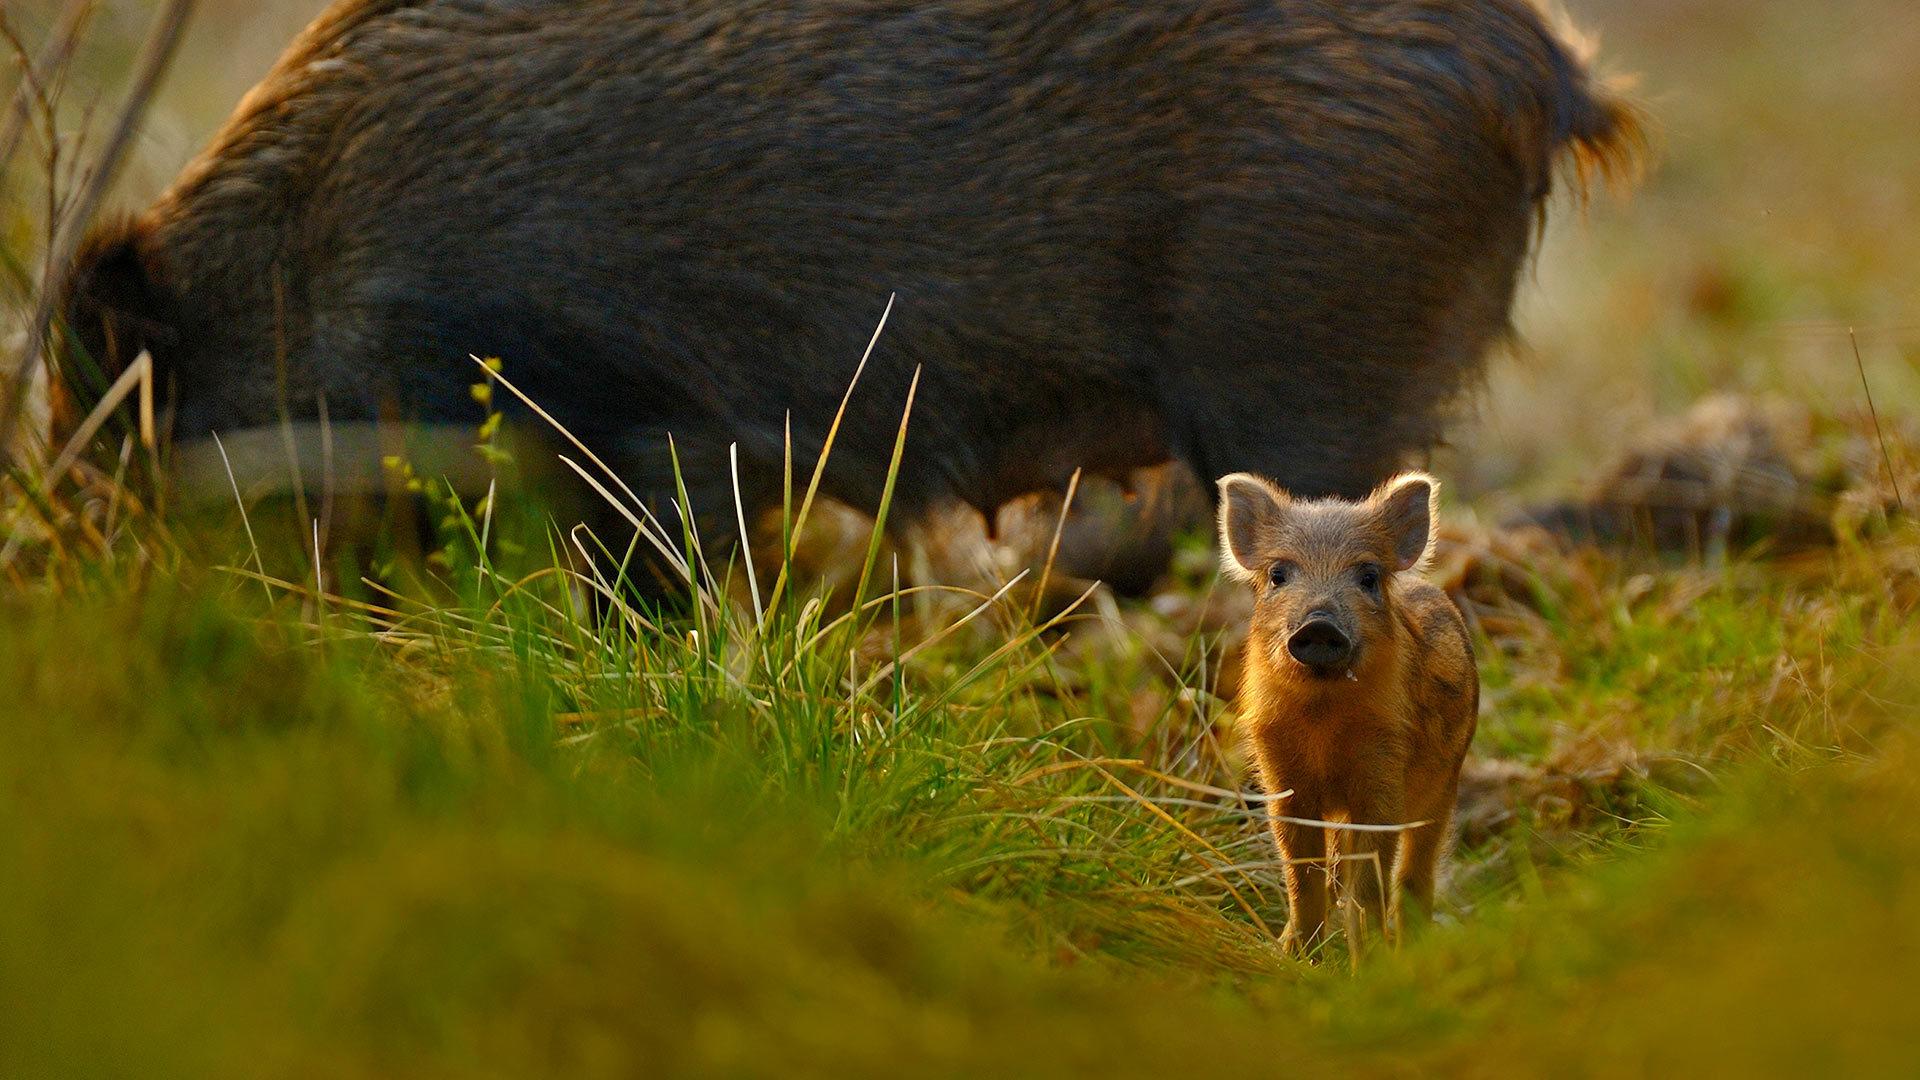 迪恩森林里的小猪